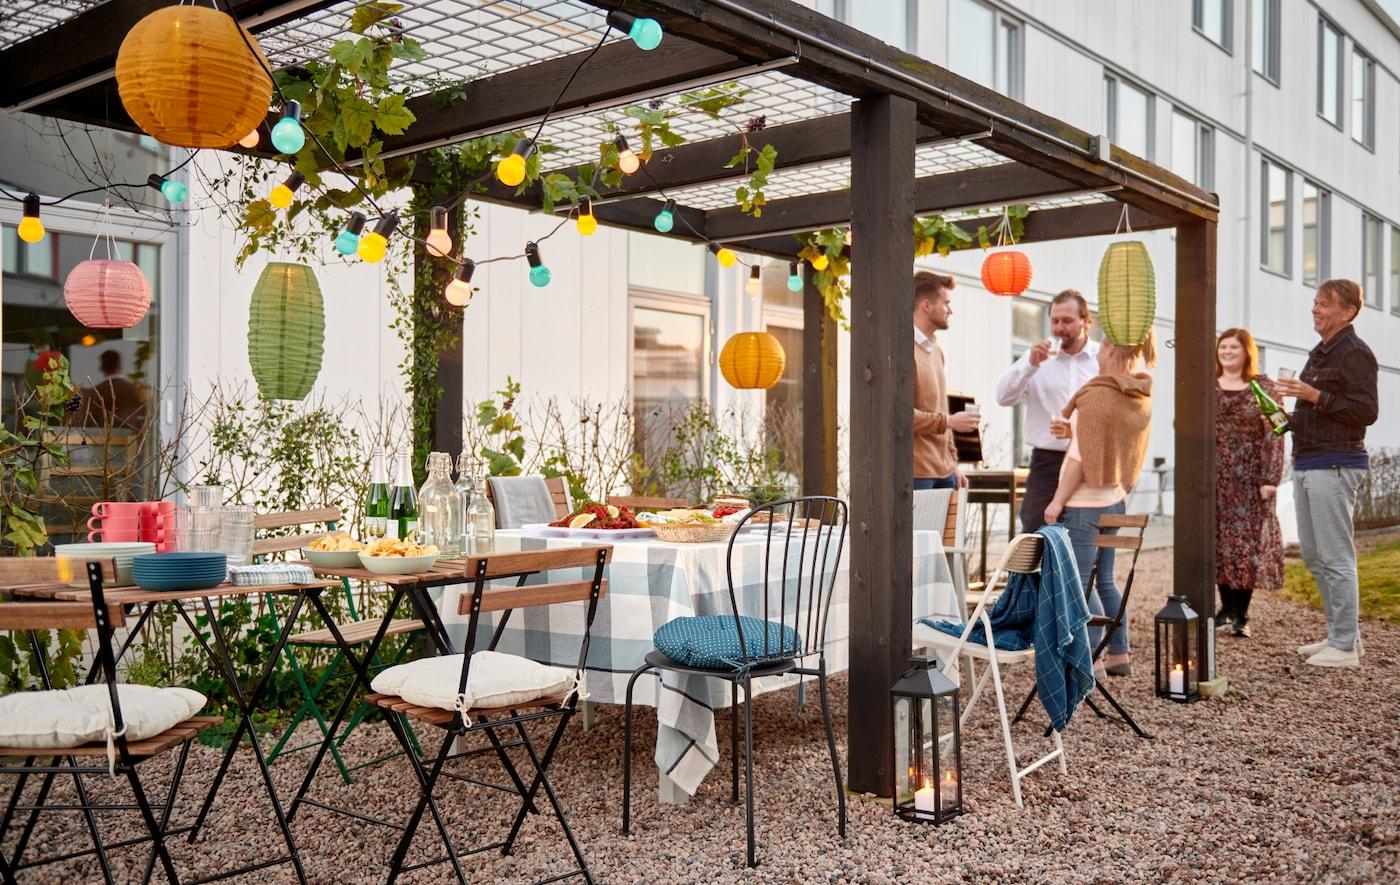 En gruppe mennesker står ved en række stole og små borde, der er dækket op til fest under en pyntet pergola i en gårdhave.